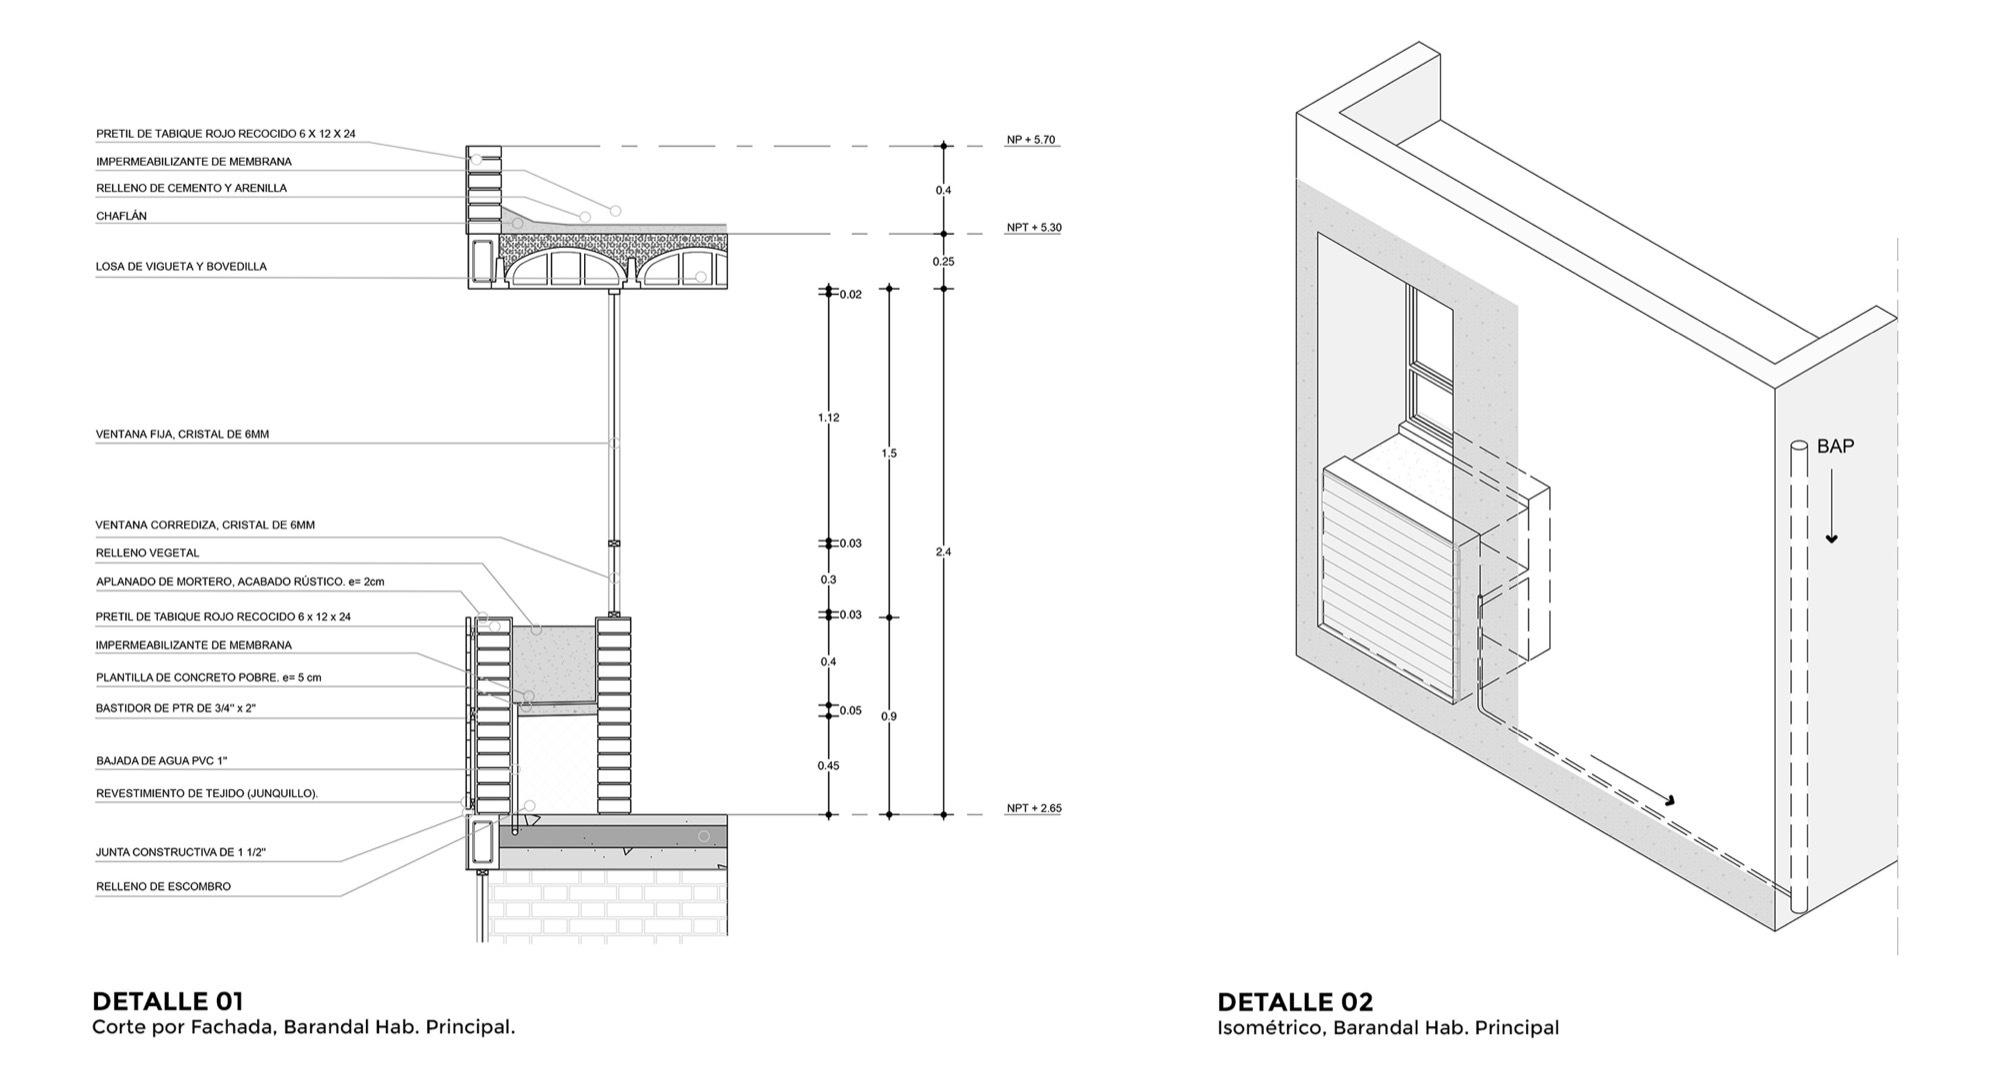 Gallery of casa estudio intersticial arquitectura 23 for Casa estudio arquitectura